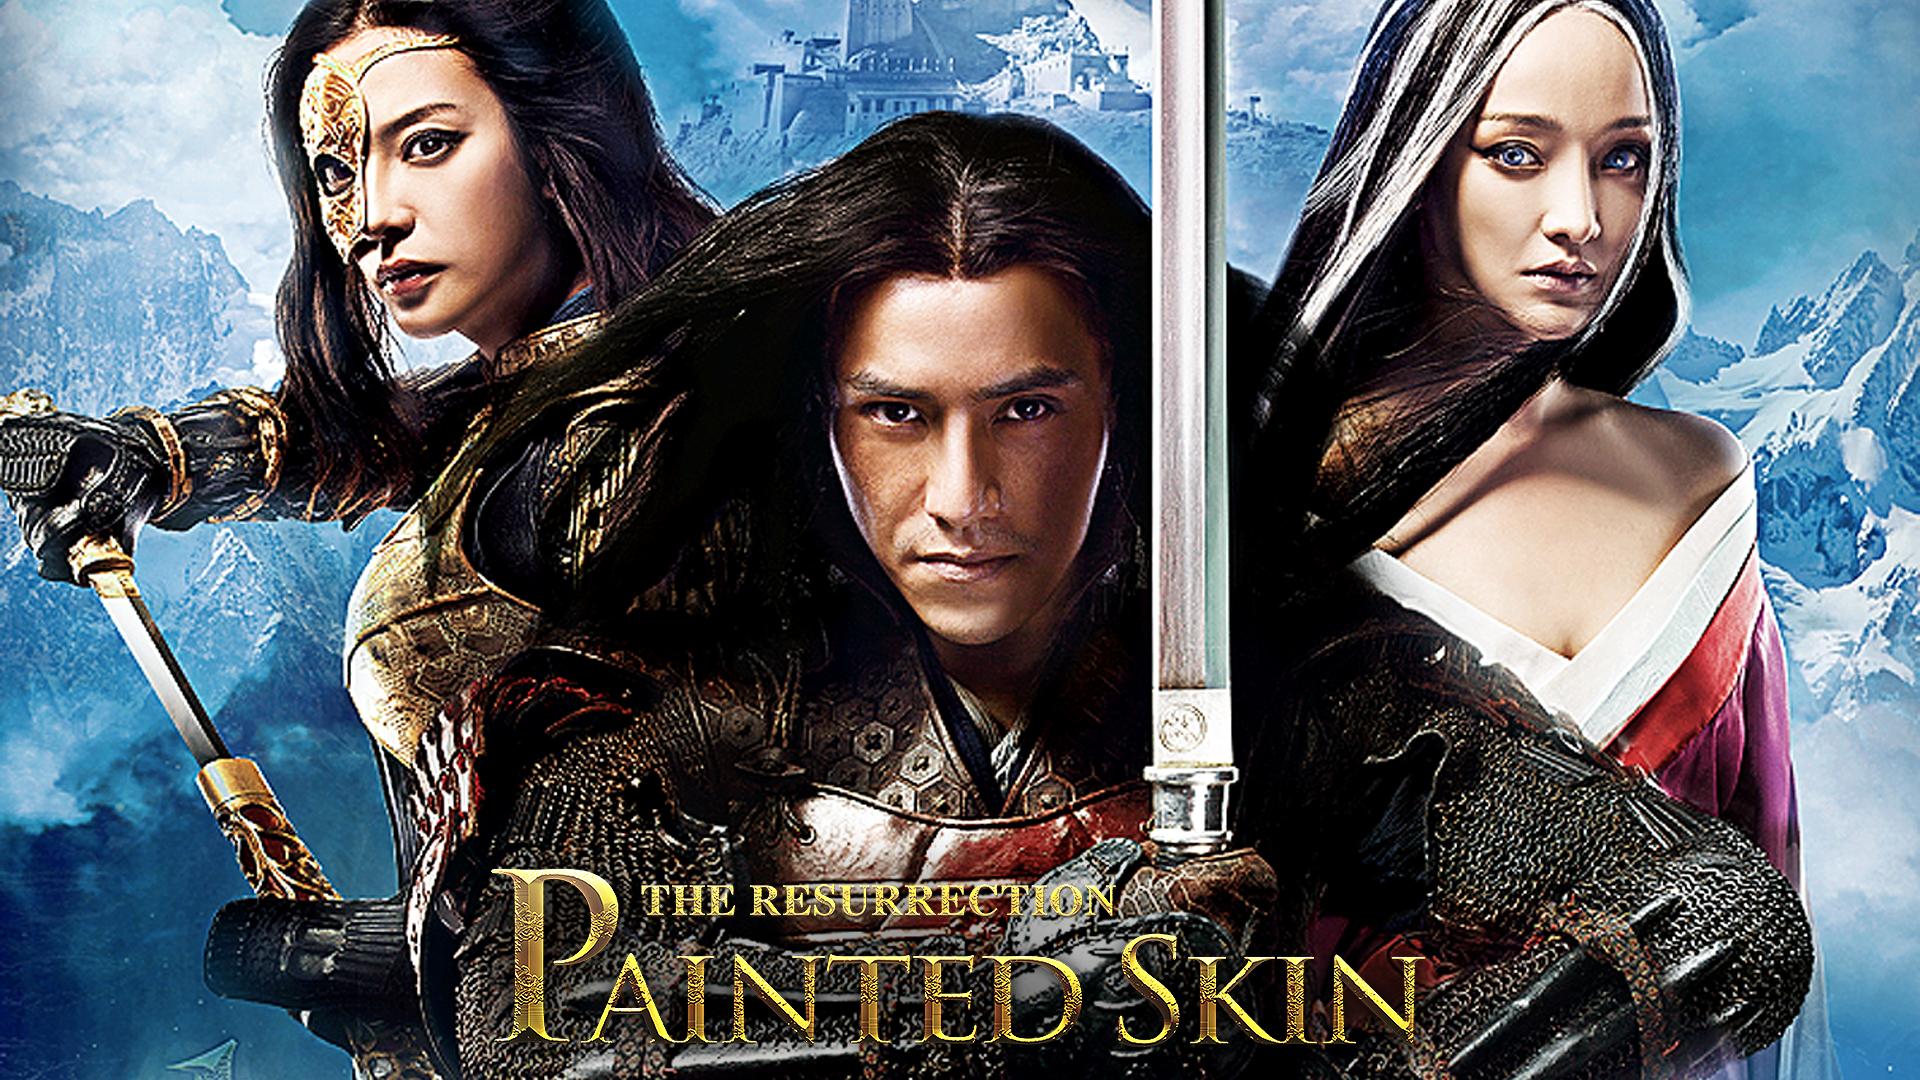 Painted Skin: The Resurrection (English Subtitled)